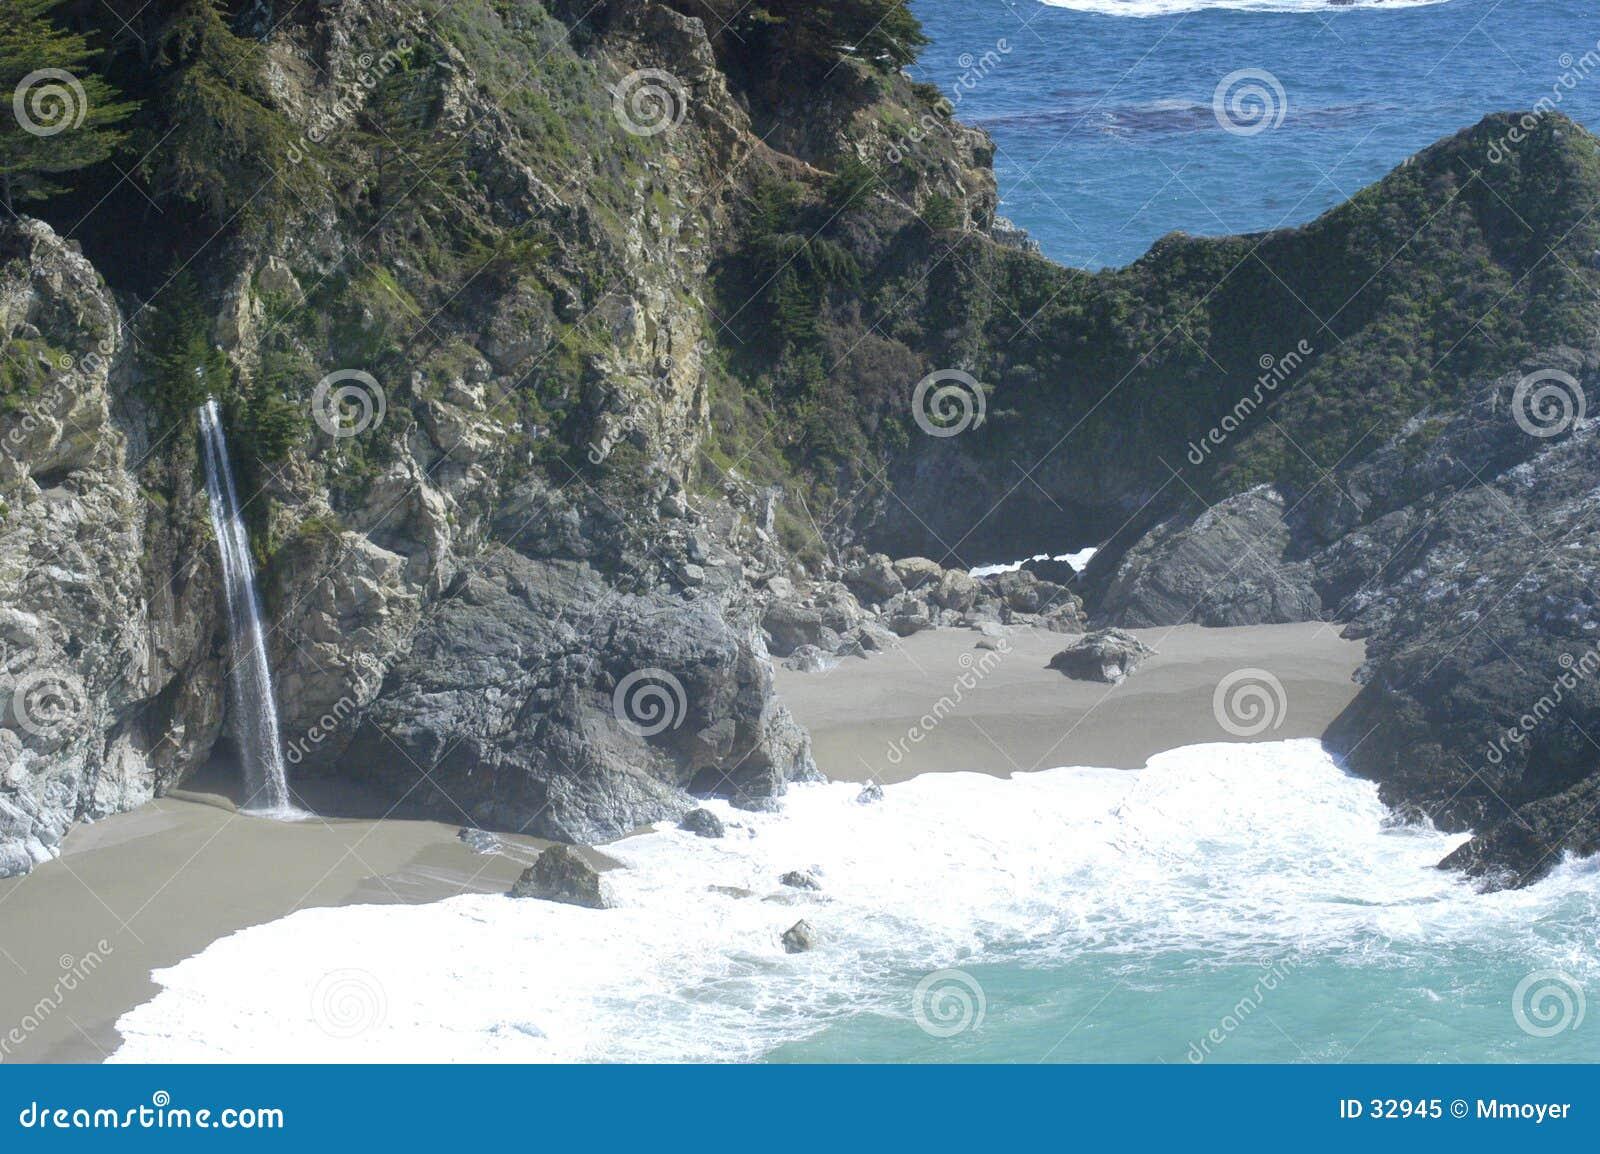 California Coast Waterfall